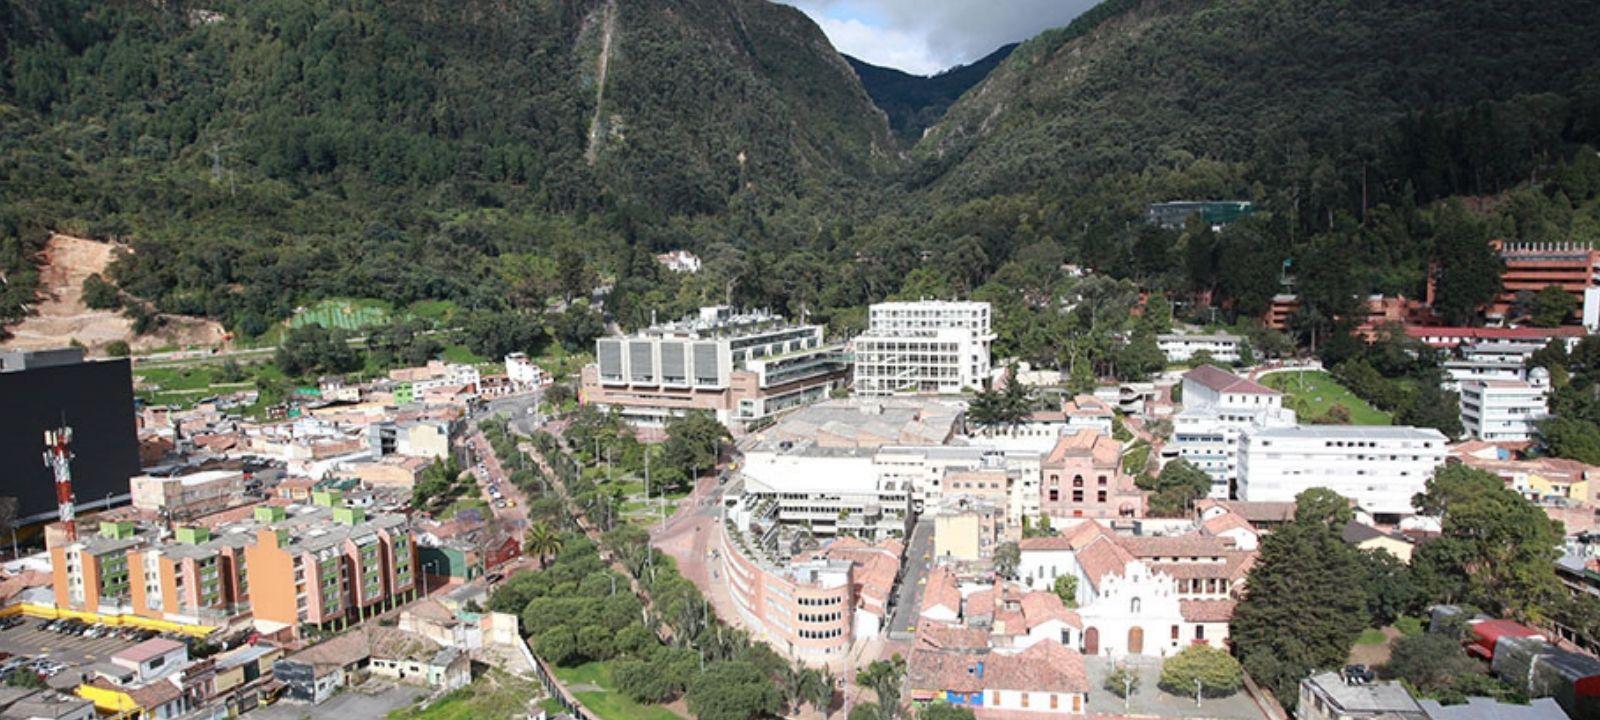 Triángulo de Fenicia - Barrio Las Aguas, Bogotá